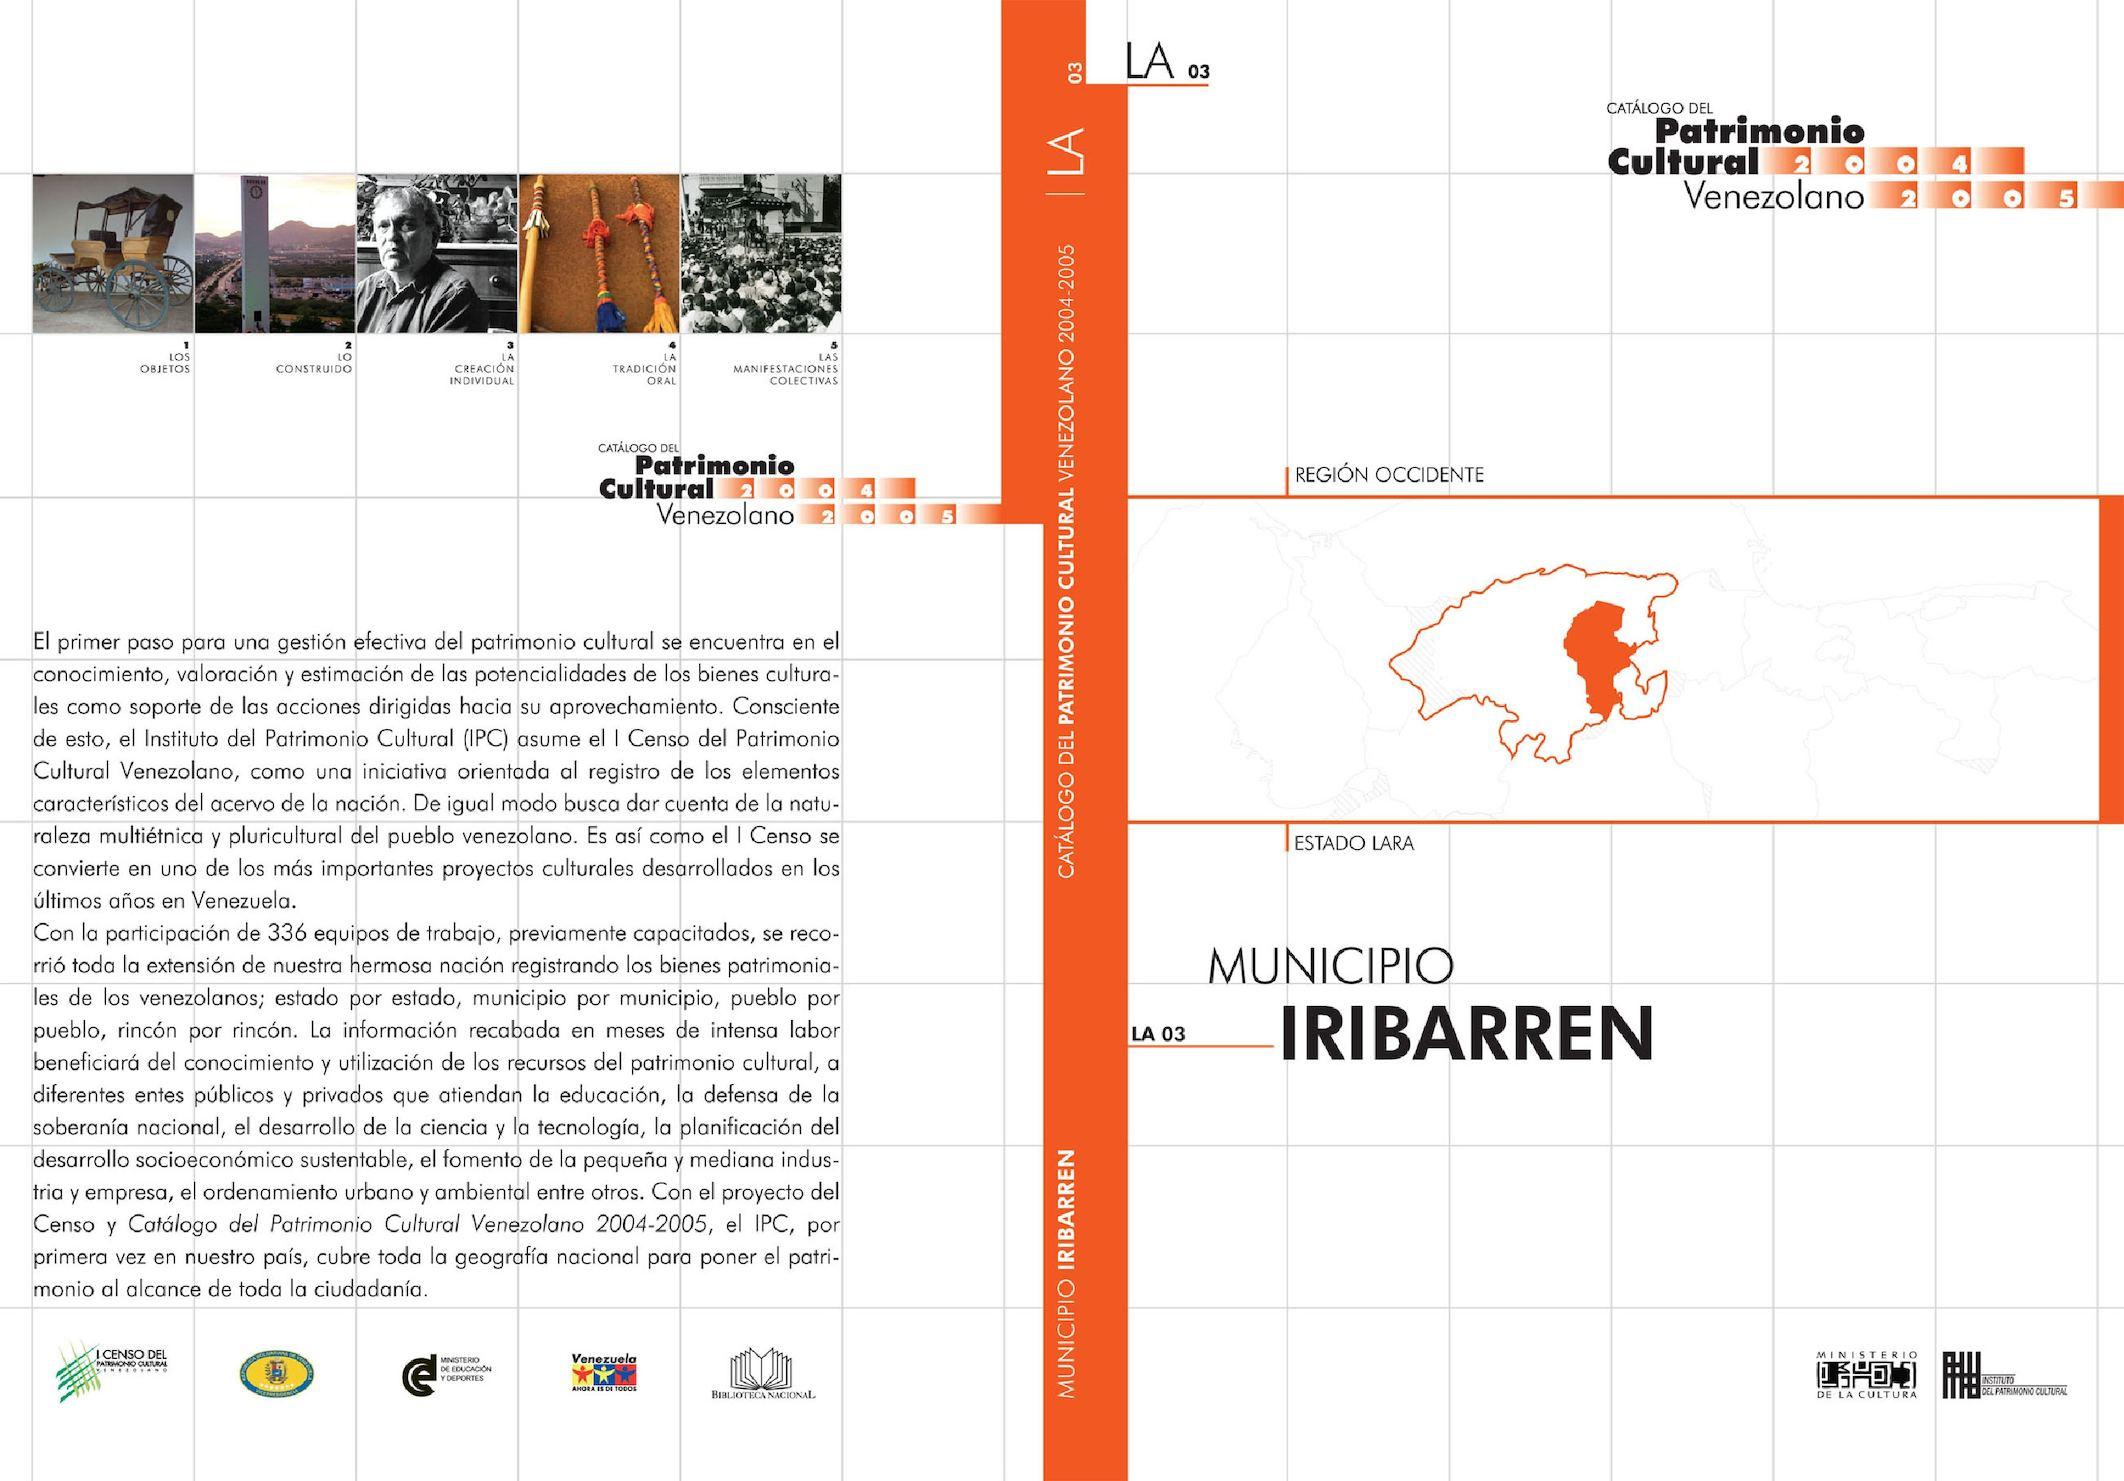 Calaméo - Catalogo del Patrimonio Cultural Municipio Iribarren (Lara ...